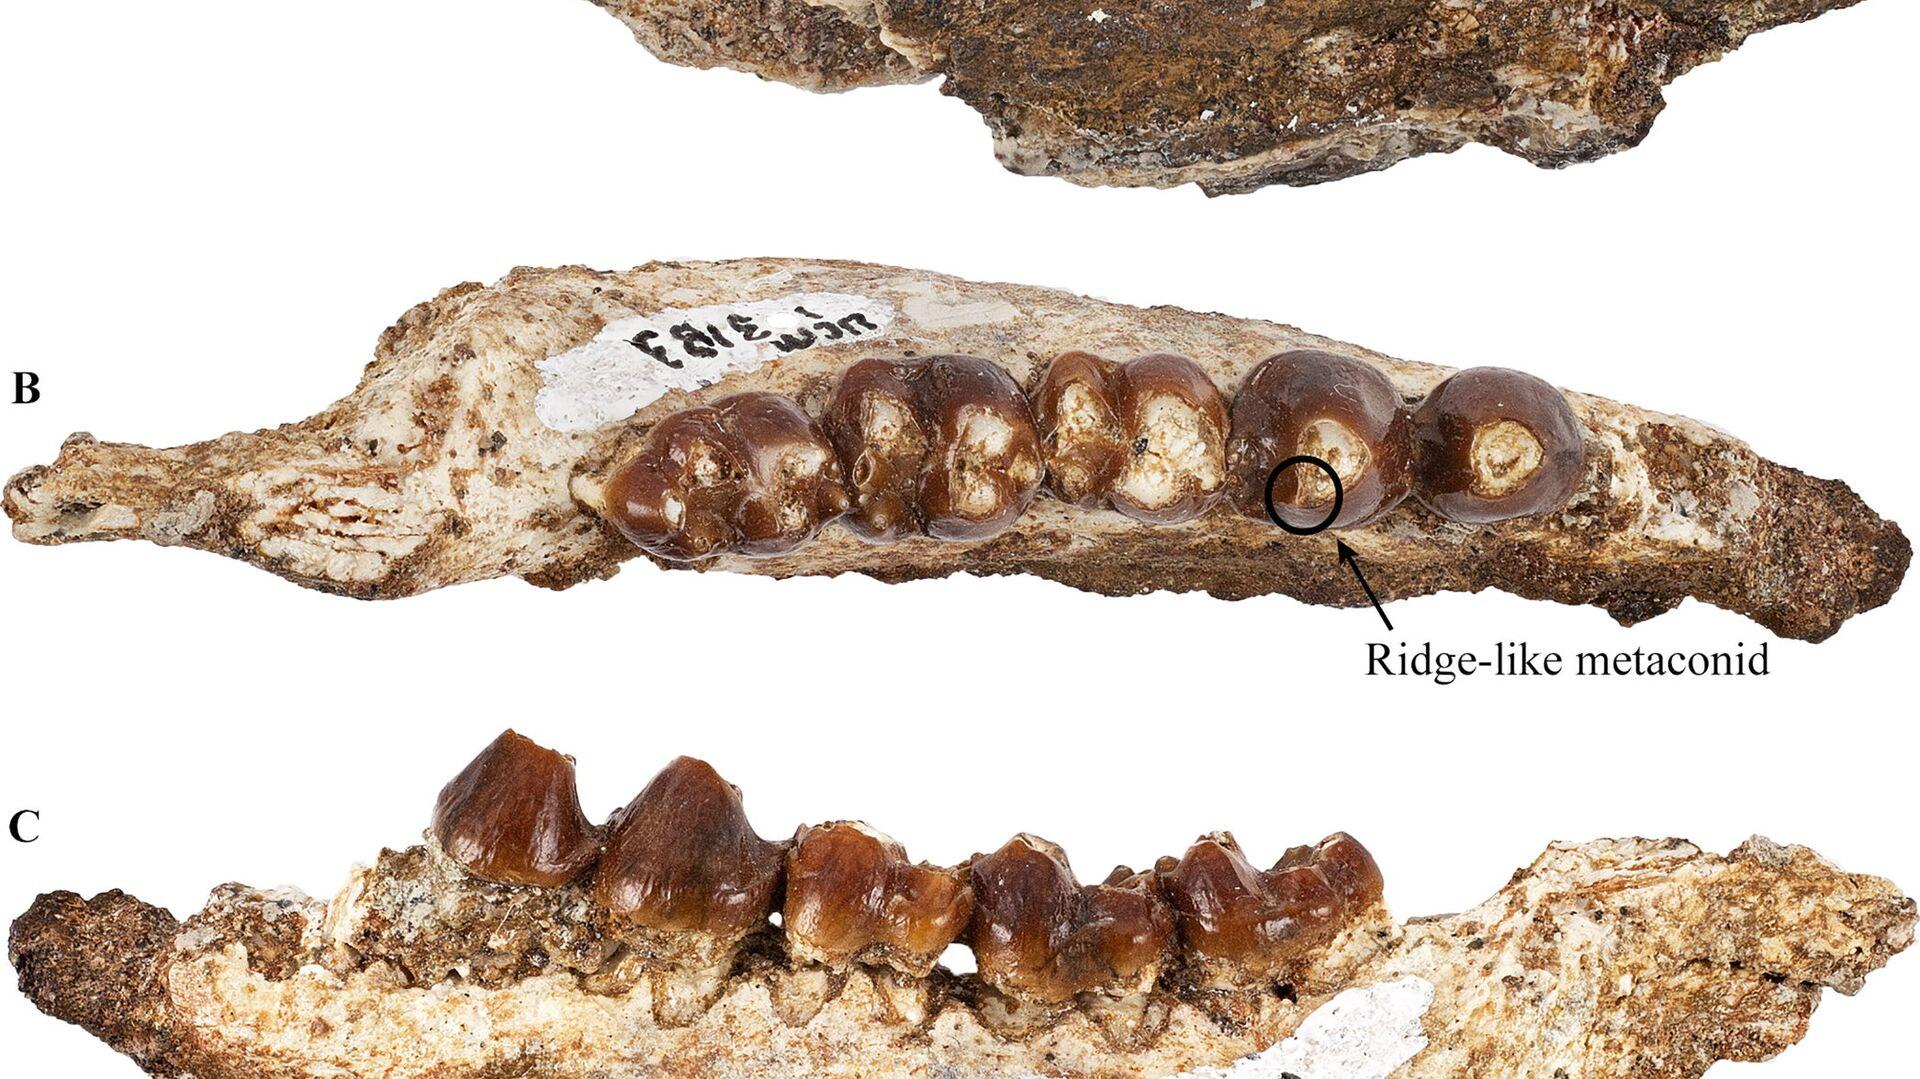 Ricercatori scoprono antenati dei mammiferi apparsi improvvisamente dopo estinzione dinosauri - Sputnik Italia, 1920, 19.08.2021